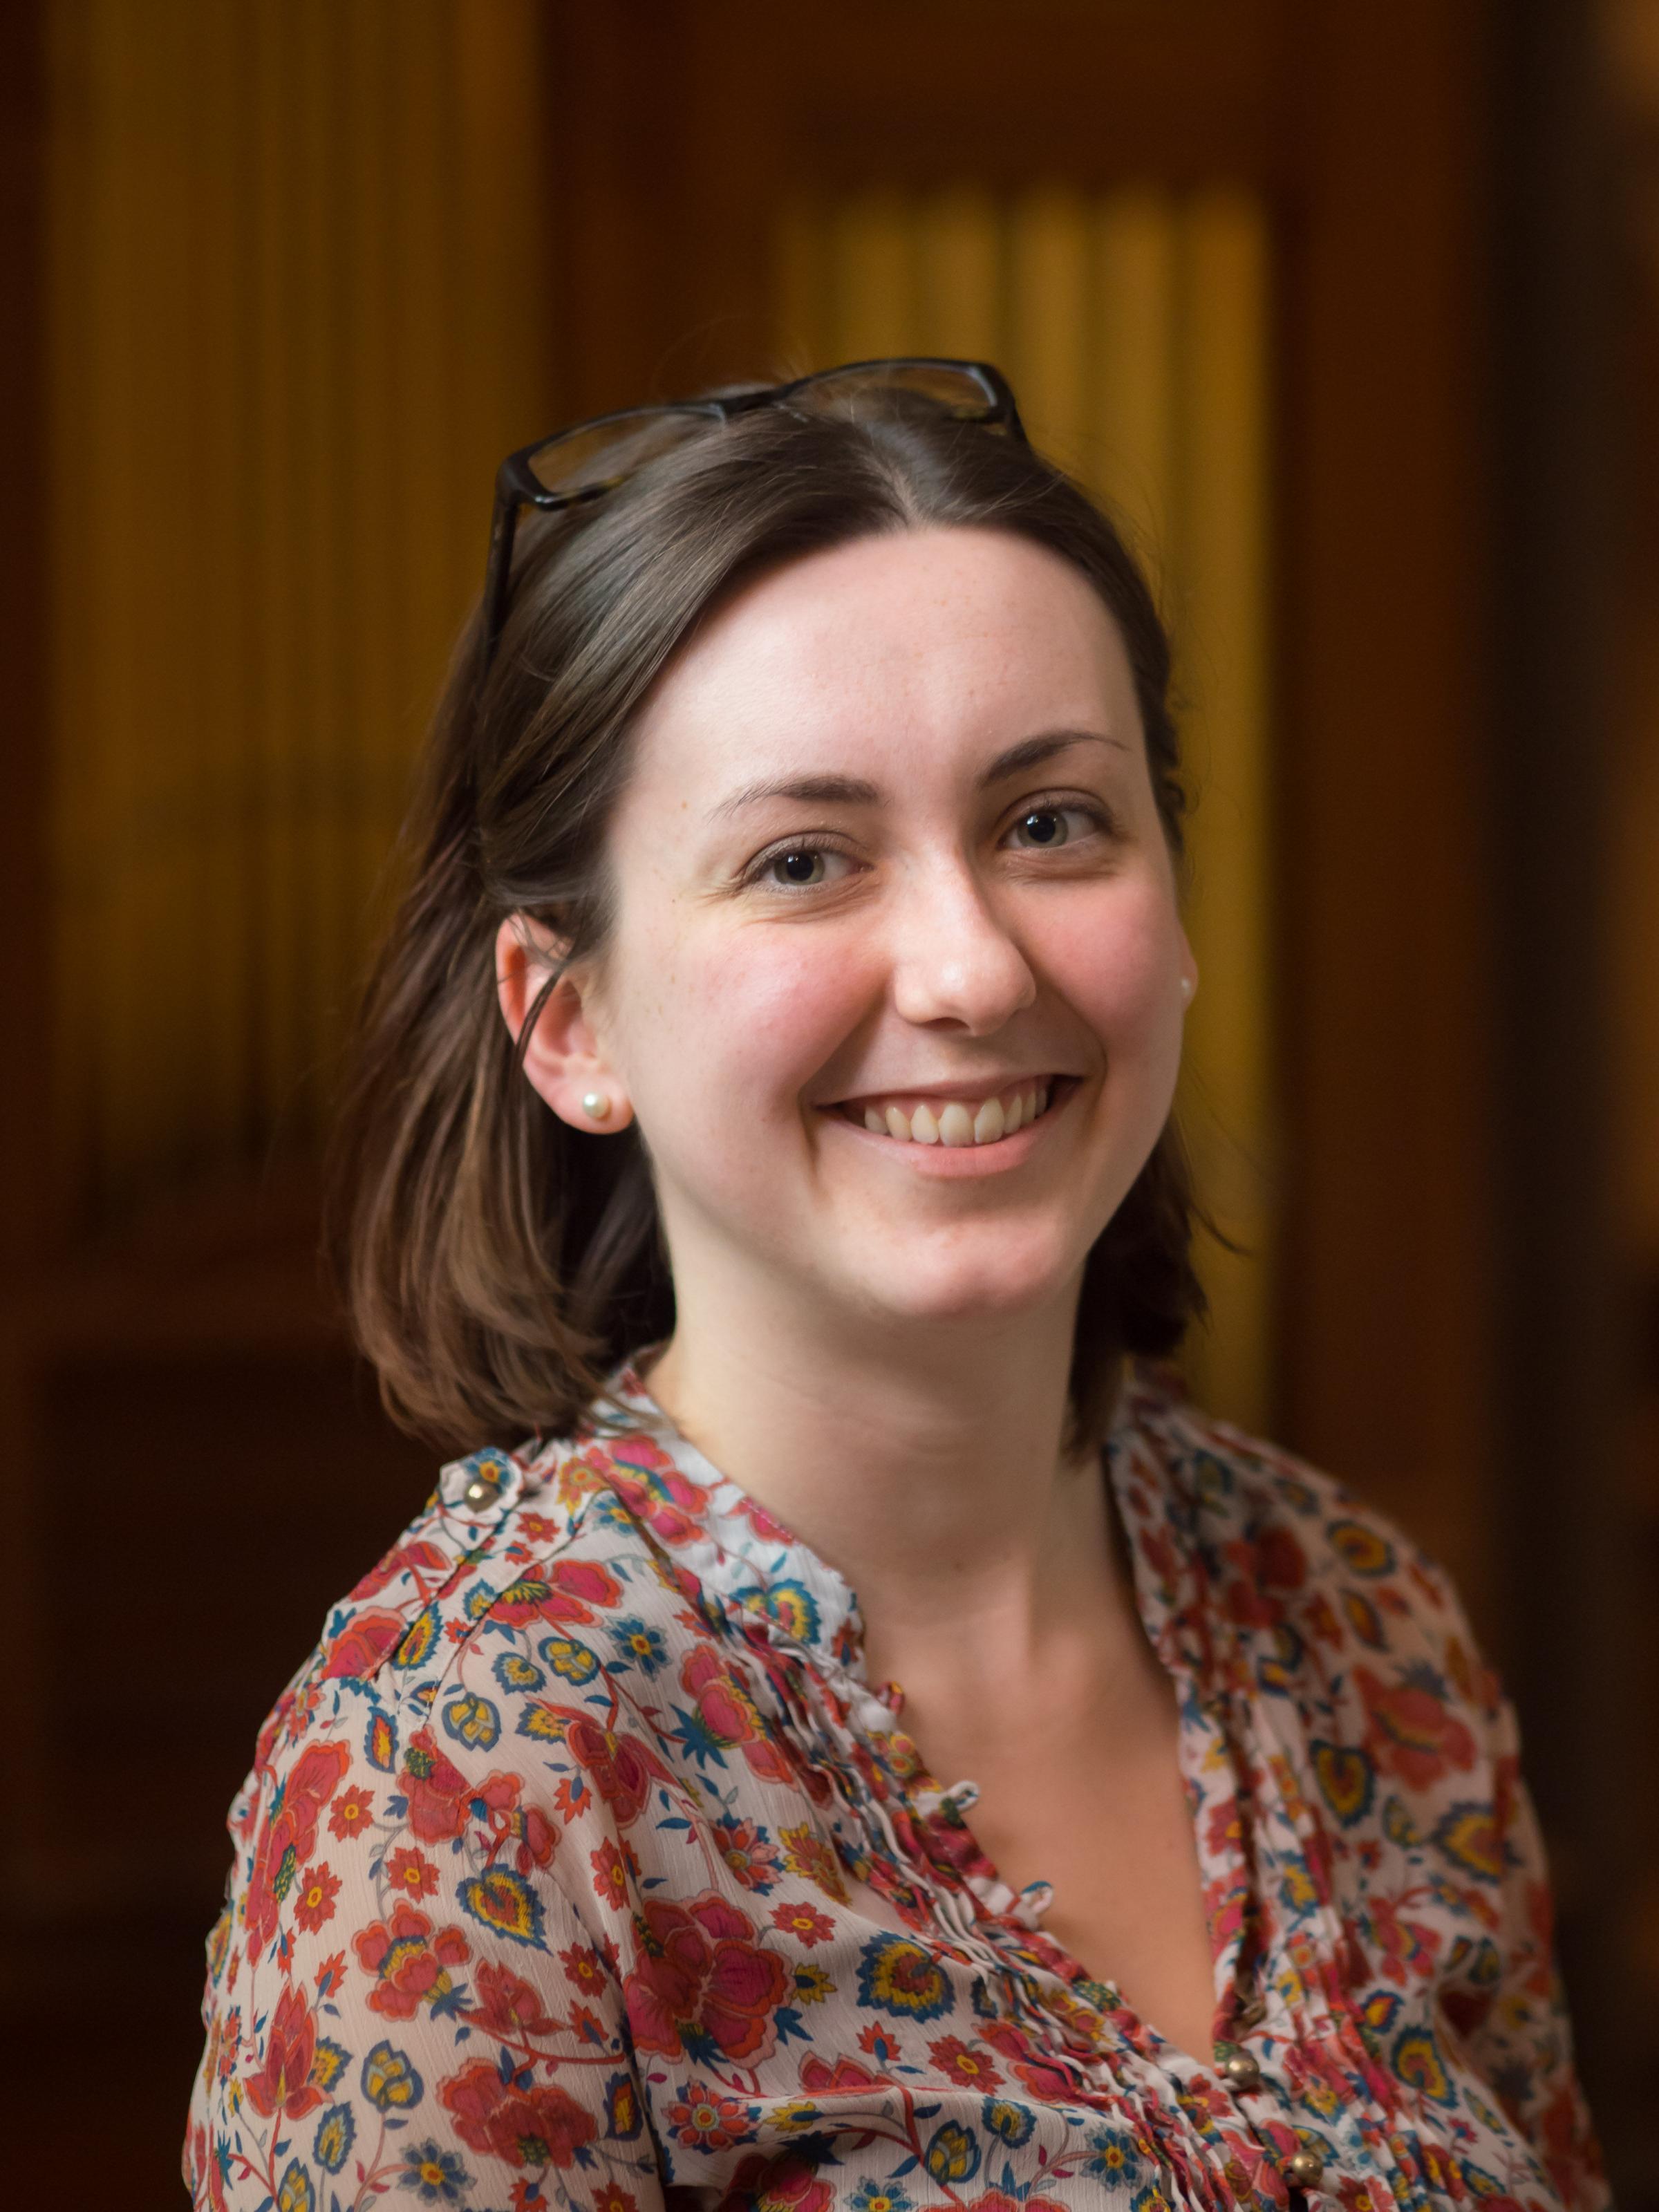 Sarah Baldock